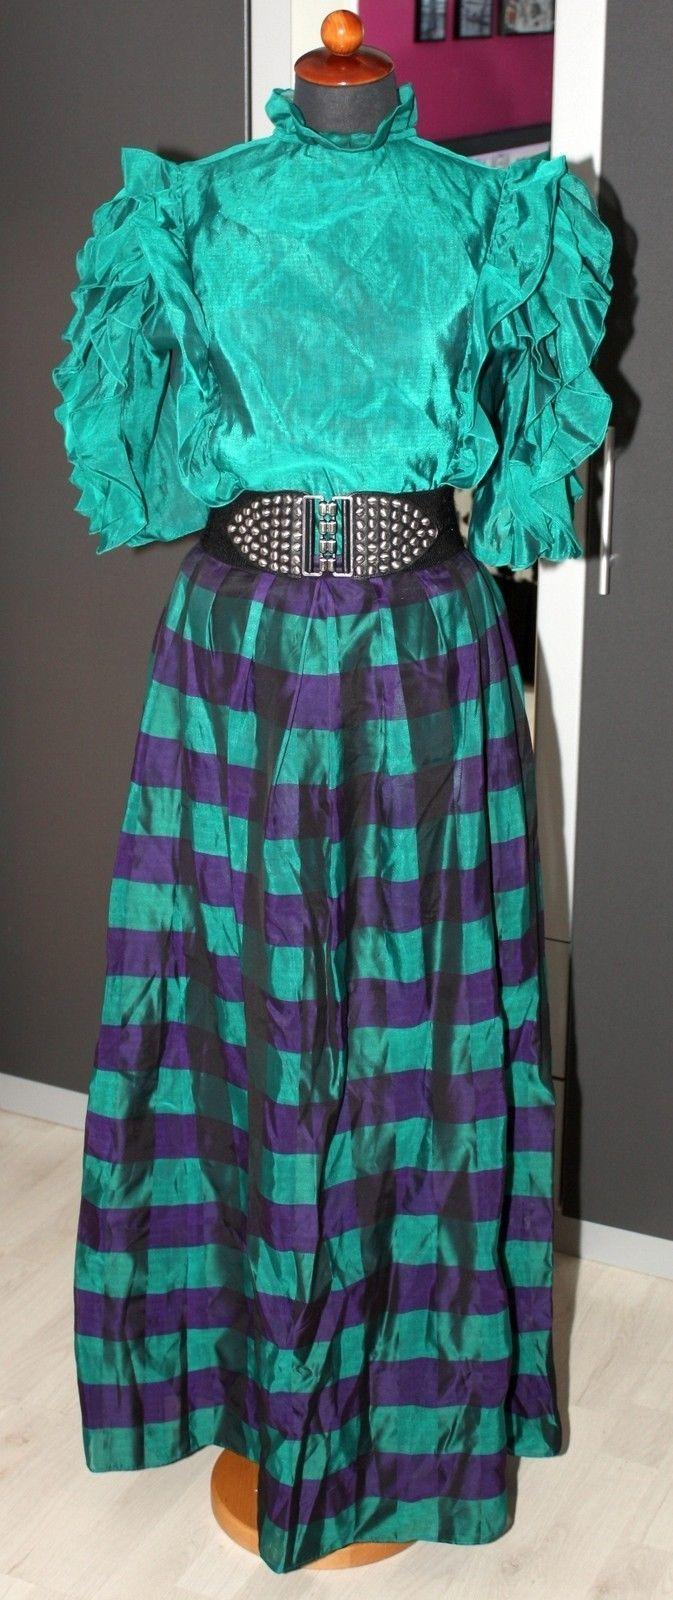 VINTAGE Ballkleid ~ Viktorianischer Stil ~ Bluse + Rock Gr.38 - Gouvernante - in Kleidung & Accessoires, Damenmode, Kleider | eBay